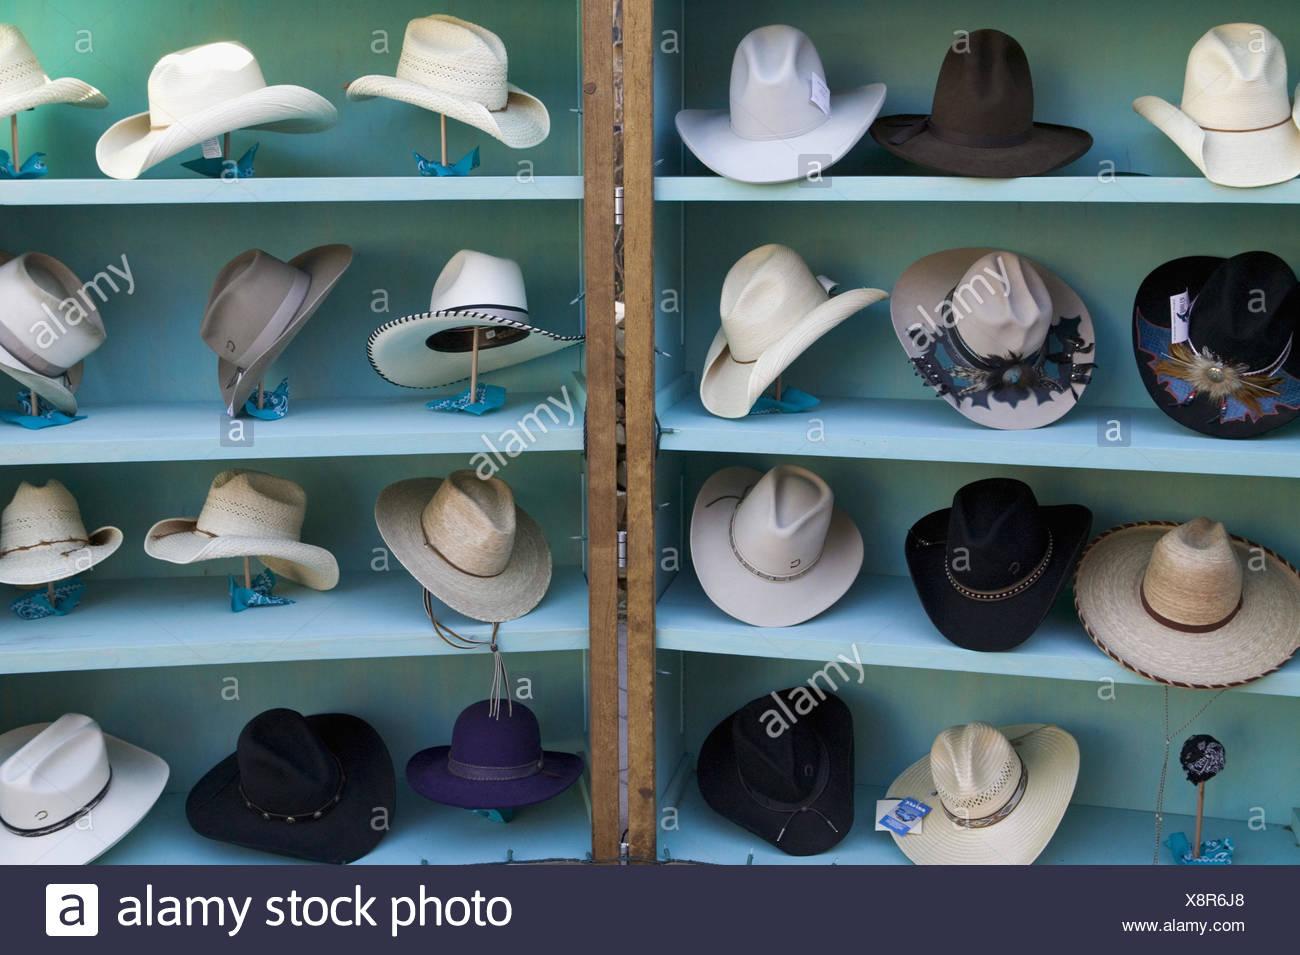 USA, New Mexico, Santa Fe,  Hutgeschäft, Verkauf, Cowboyhüte  Nordamerika, Vereinigte Staaten von Amerika, Neumexiko, Stadt, Bundeshauptstadt, Geschäft, Hüte, Kopfbedeckungen, Herrenhüte, Strohhüte, unterschiedlich, Ware, Angebot, Auswahl, still life - Stock Image